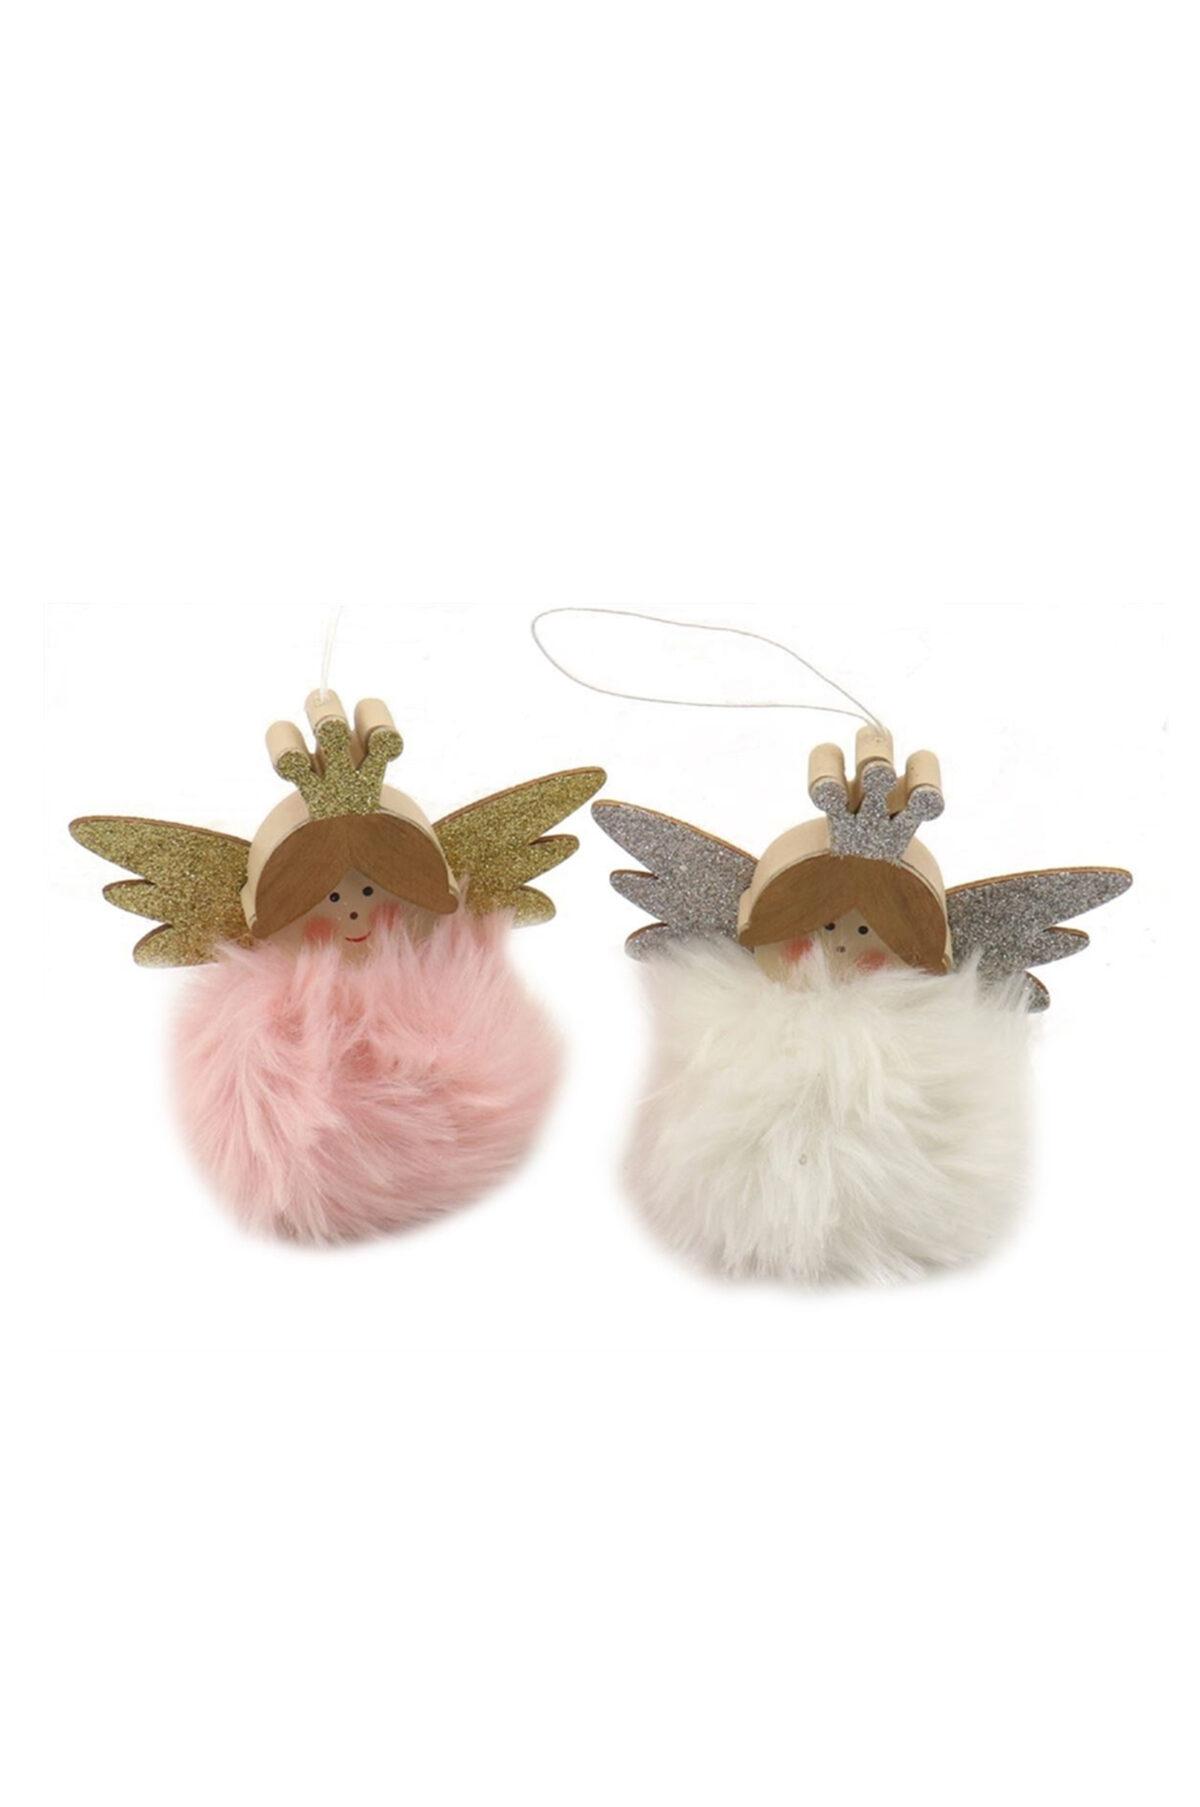 Set 2 angioletti in stoffa con tutù di pelo rosa e bianco, corona glitter e ali oro d. 6 cm h. 10 cm